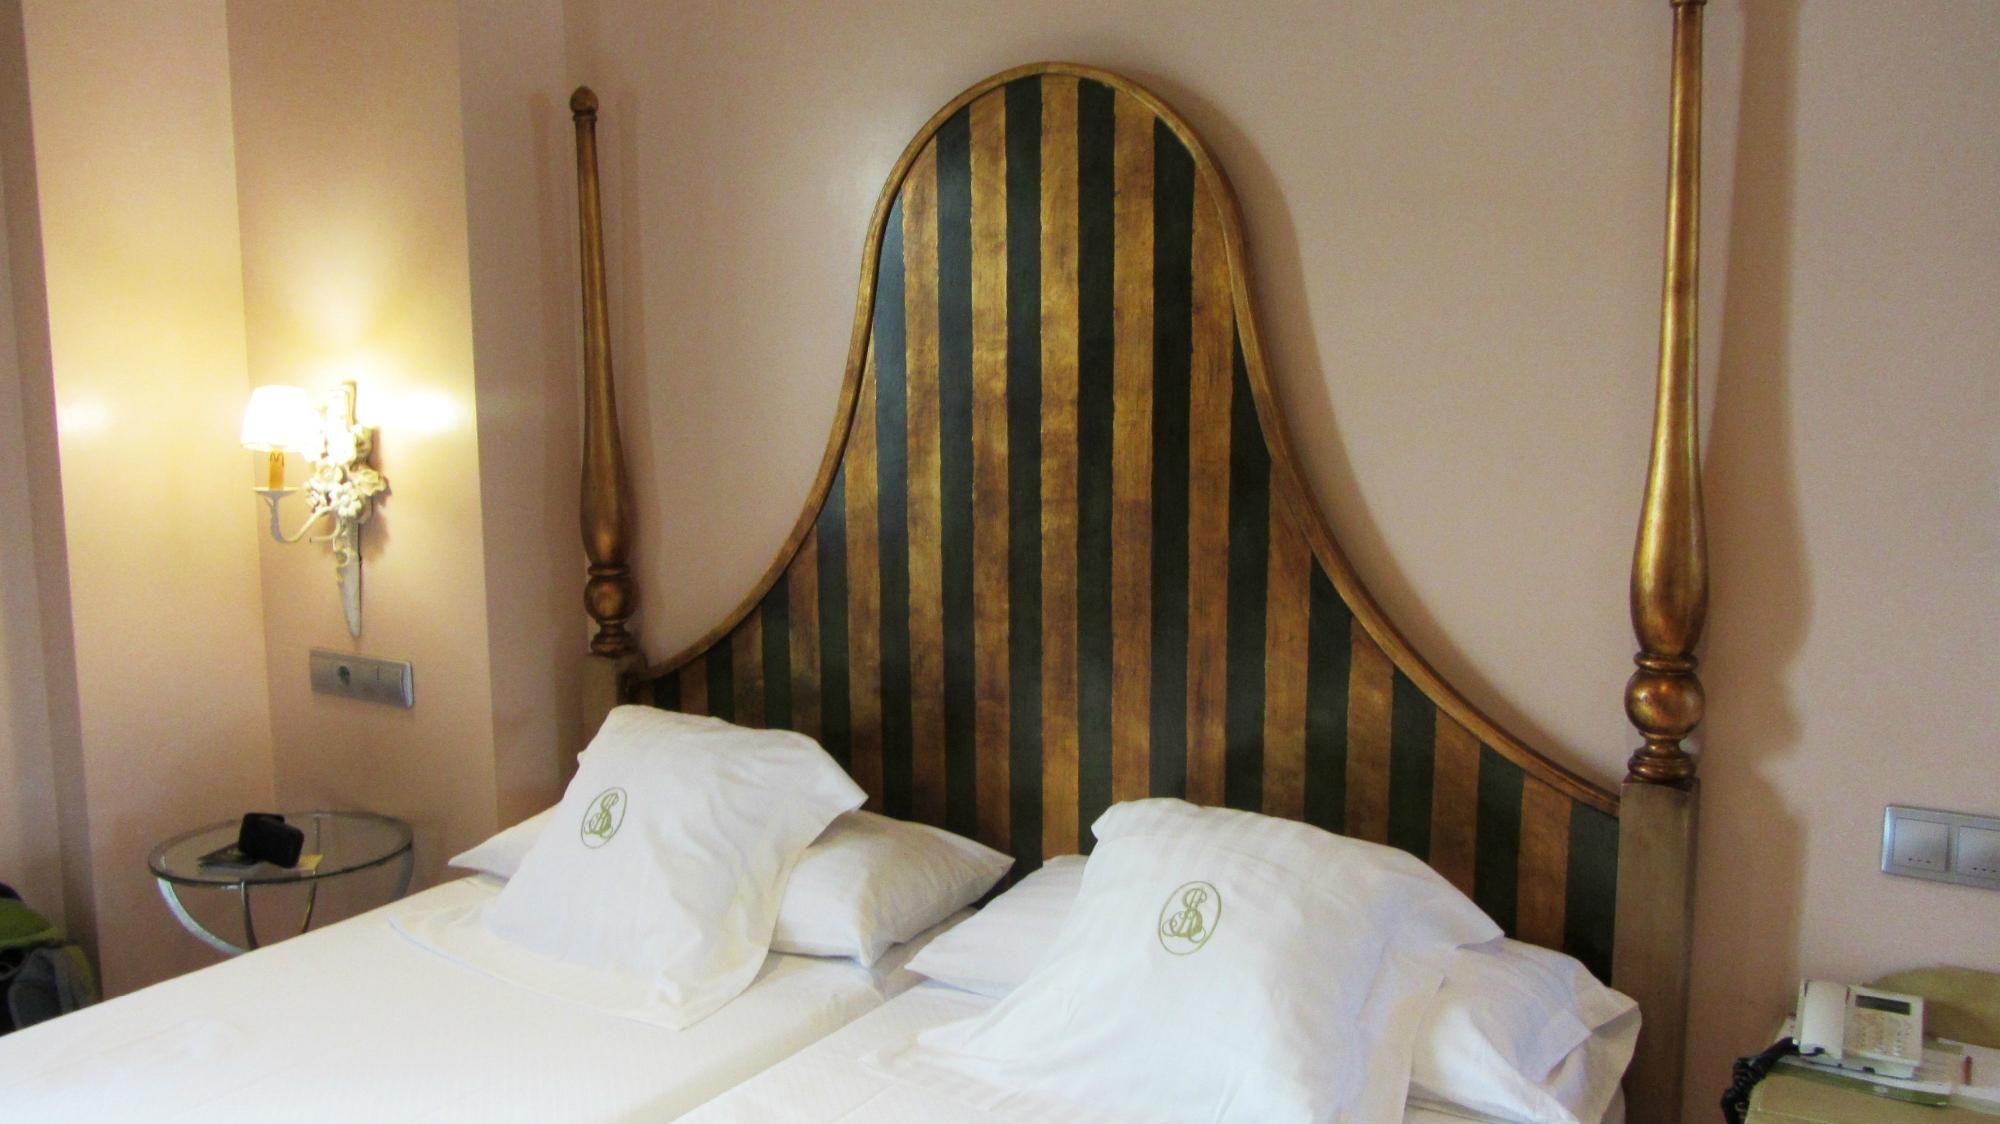 Sacristia de Santa Ana Hotel (Sevilla): ve 294 opiniones y 183 fotos